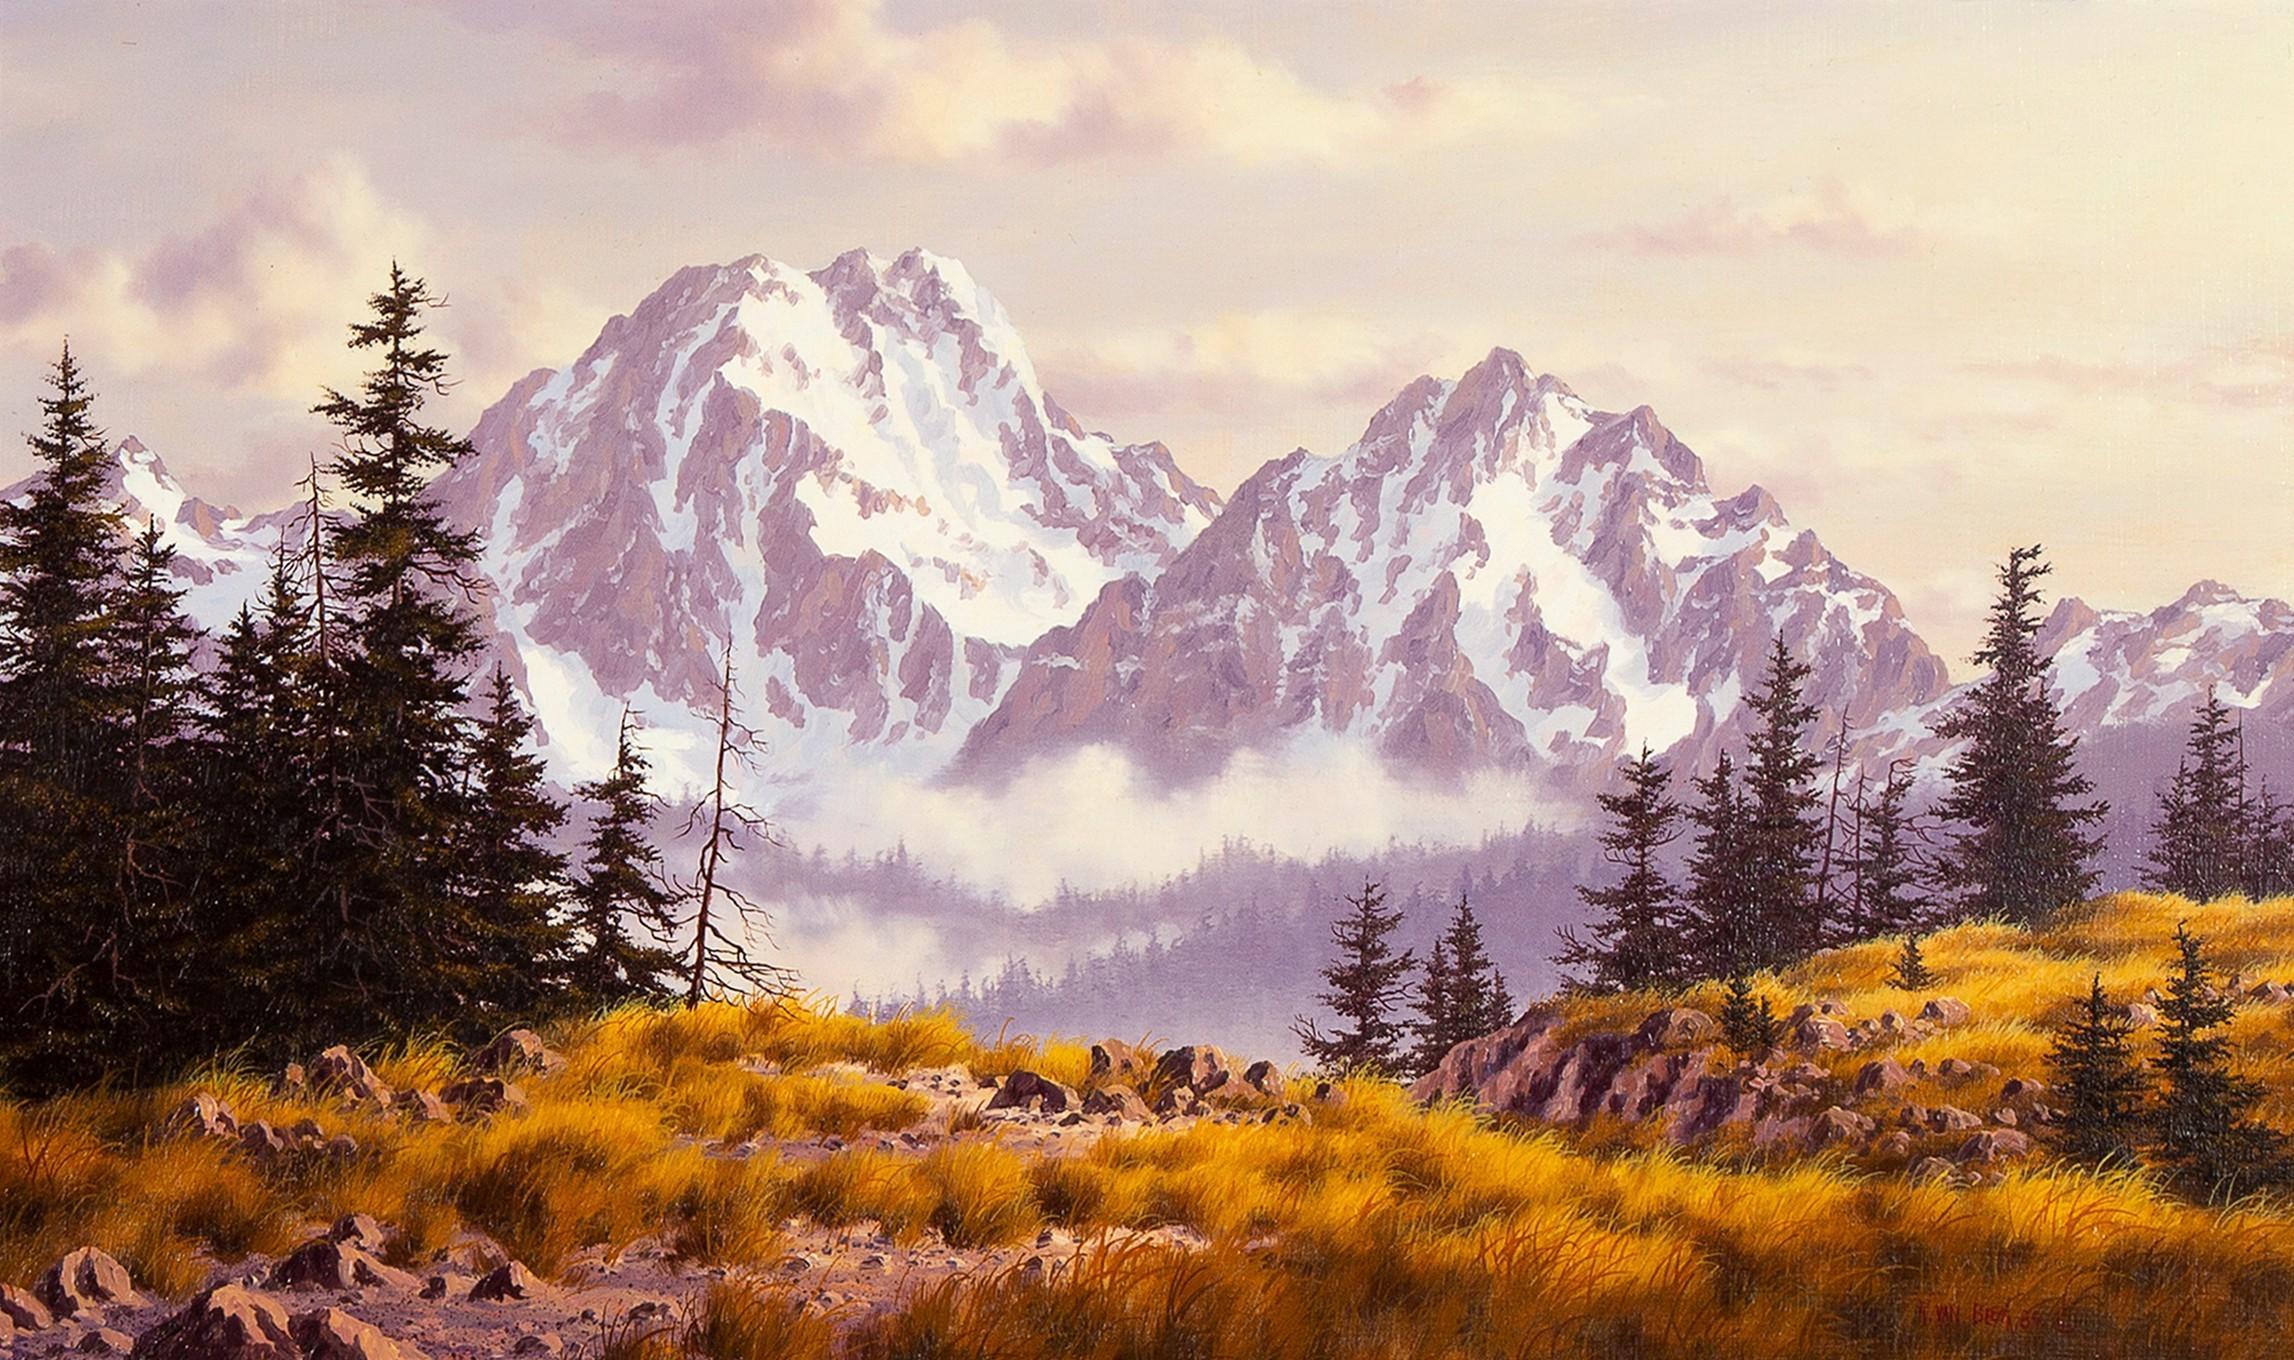 Randy Van Beek, Untitled (Snowy Mountain Landscape), 1984